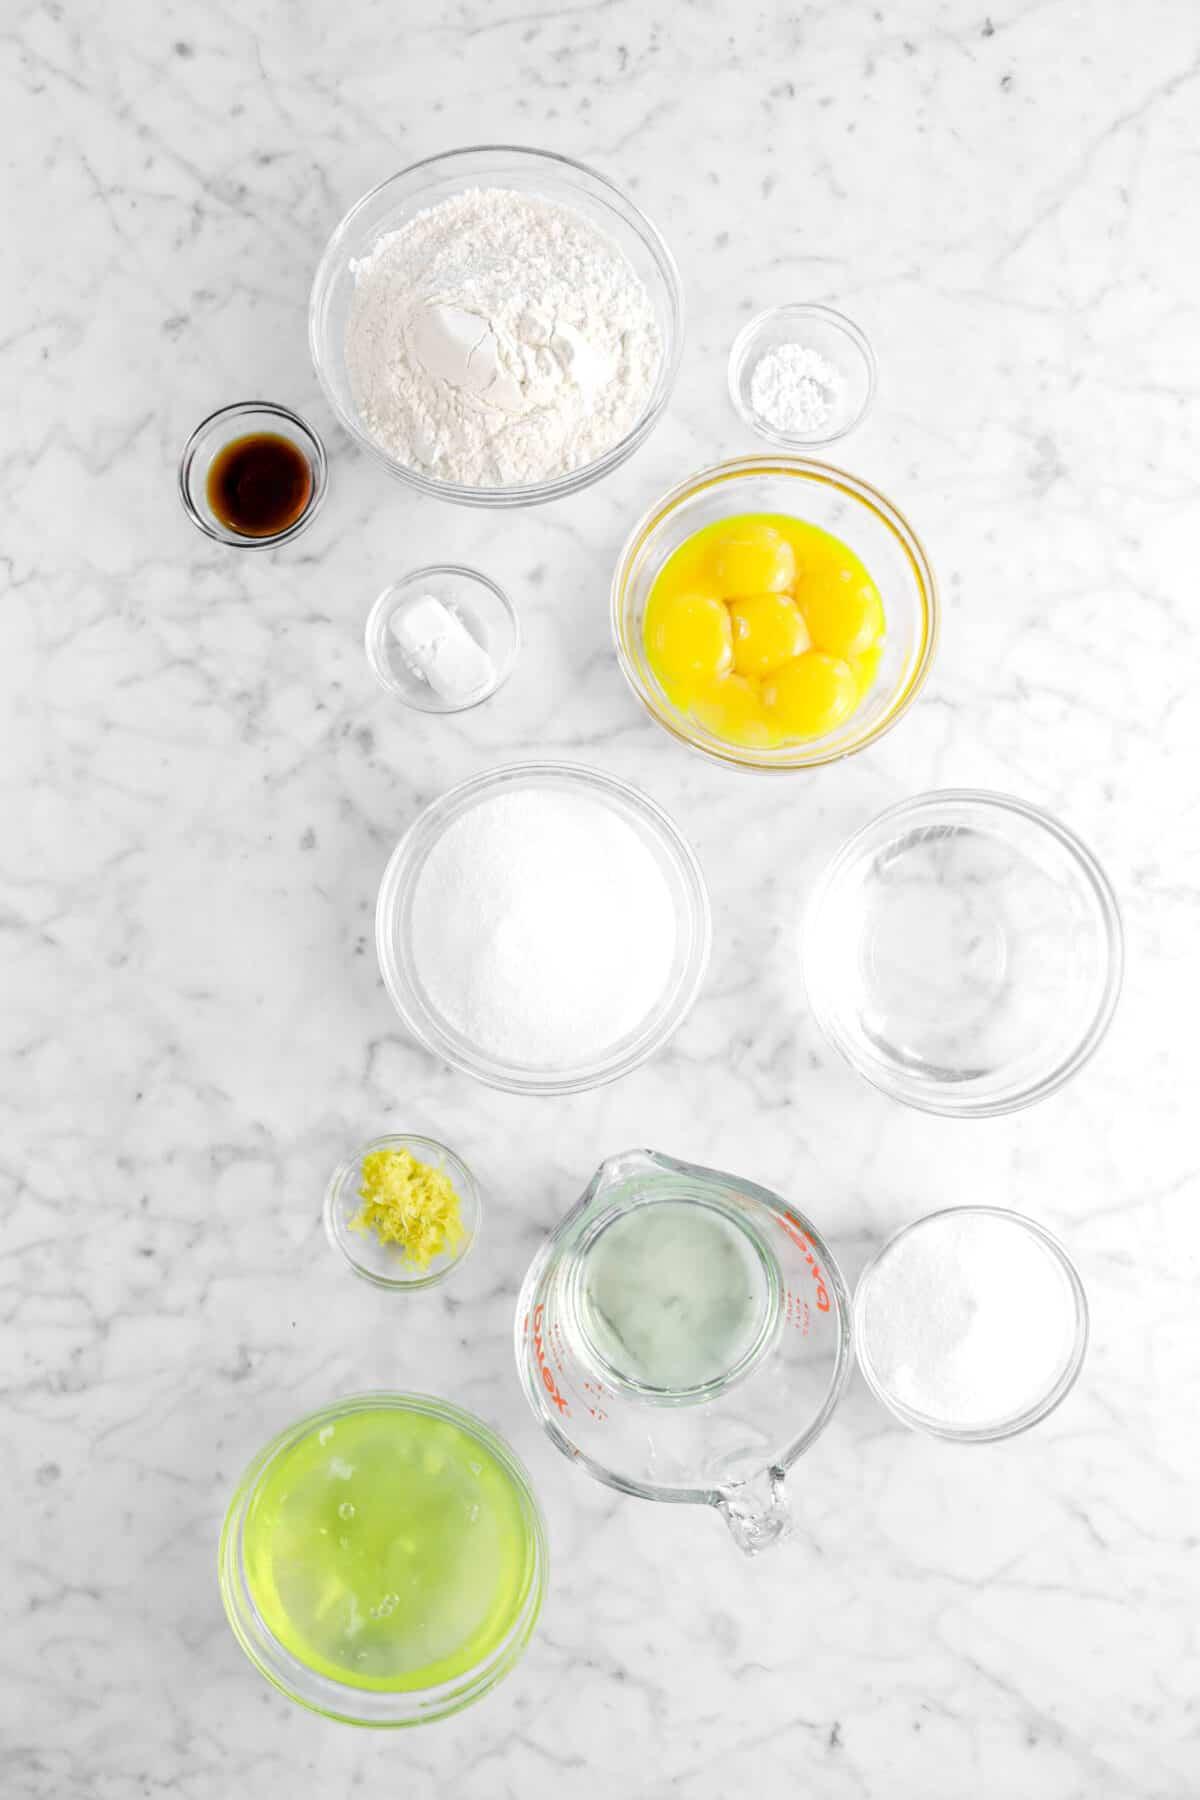 flour, cream of tartar, vanilla, baking powder, egg yolks, sugar, water, lemon zest, vegetable oil, and egg whites on marble counter